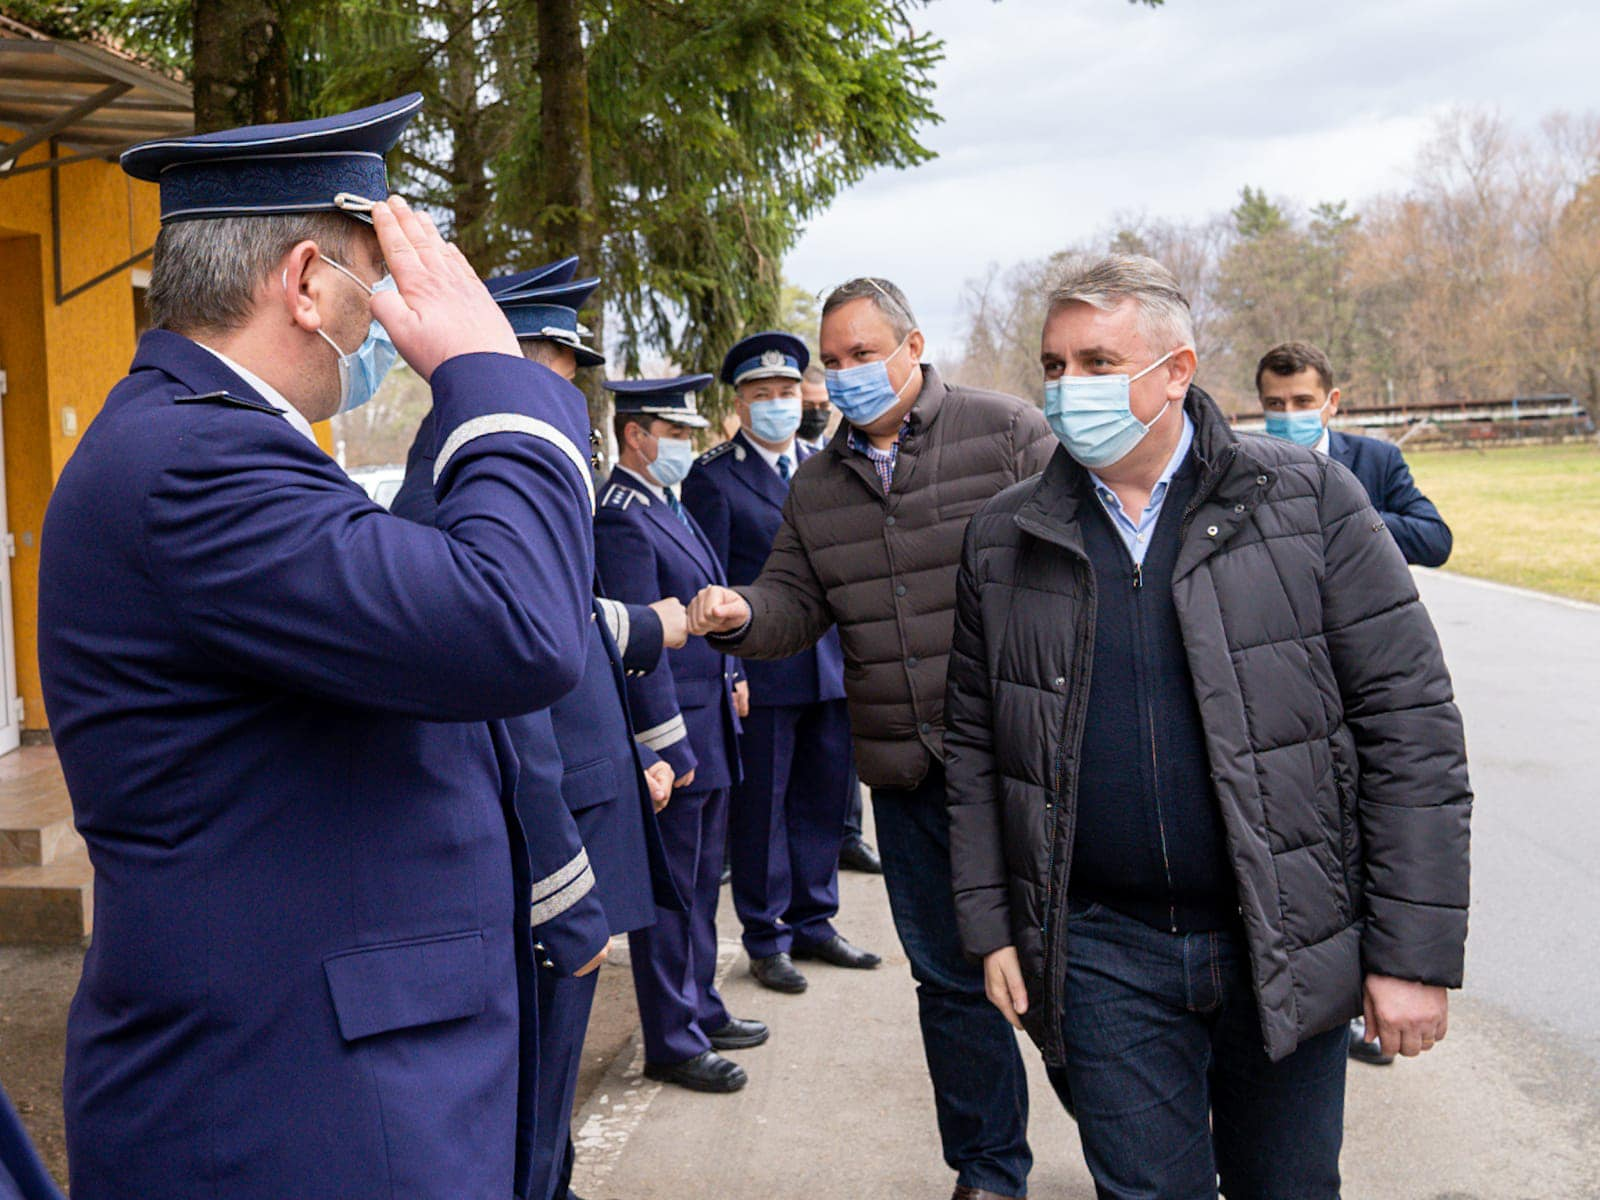 Bode, despre ancheta de la Sibiu în care sunt vizaţi 25 de poliţişti: Ne facem curăţenie în propria ogradă